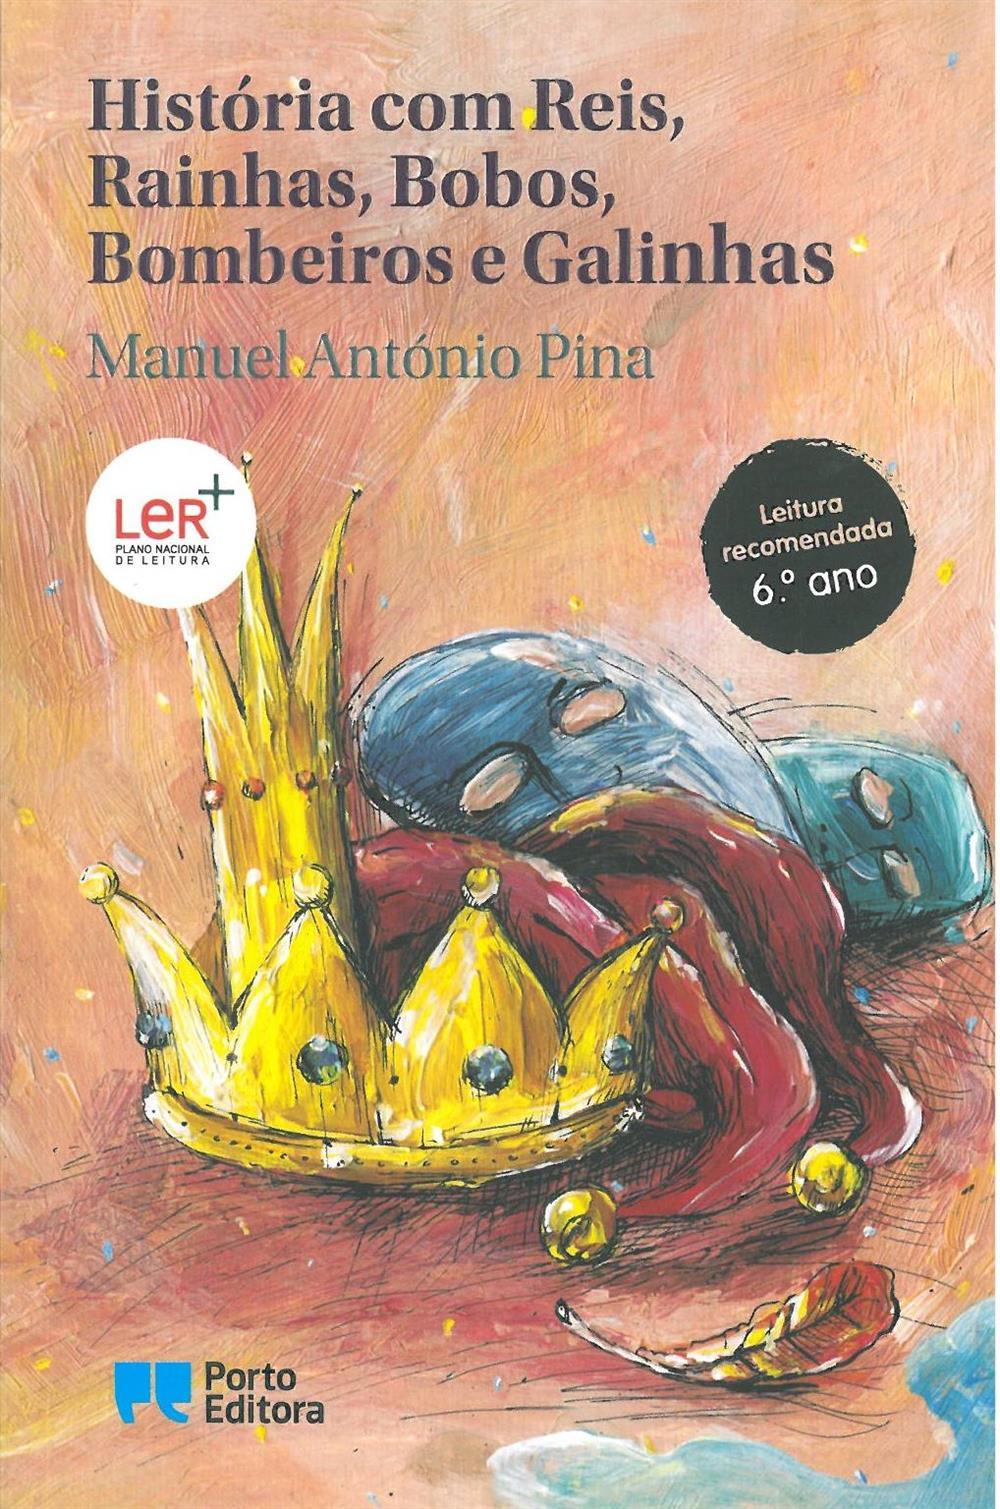 História com reis, rainhas, bobos, bombeiros e galinhas_.jpg